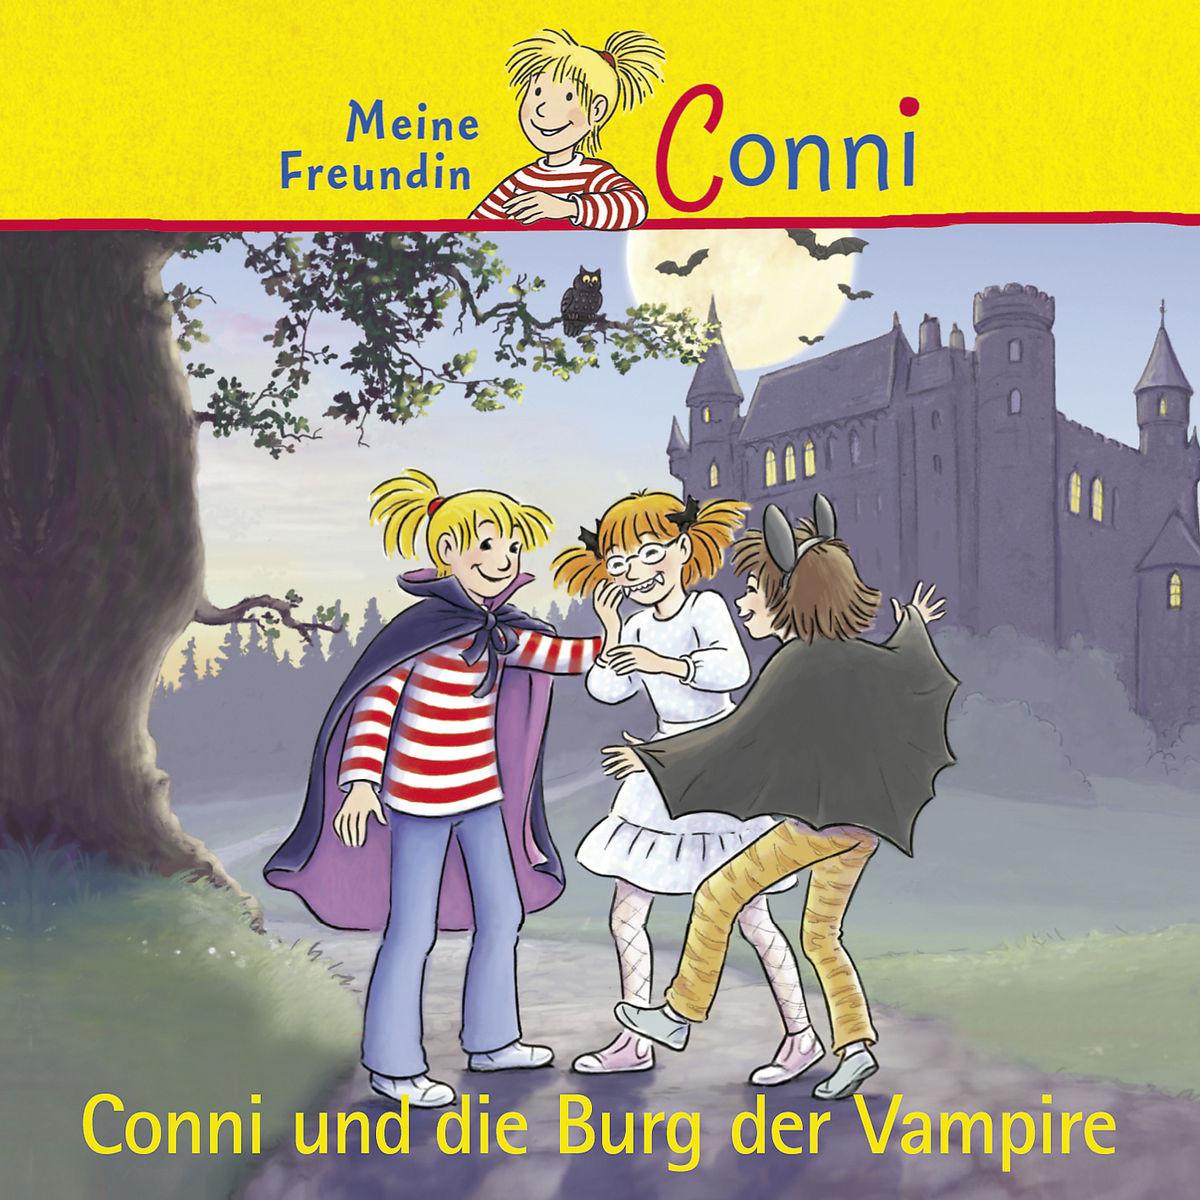 Conni - 36 - Conni und die Burg der Vampire